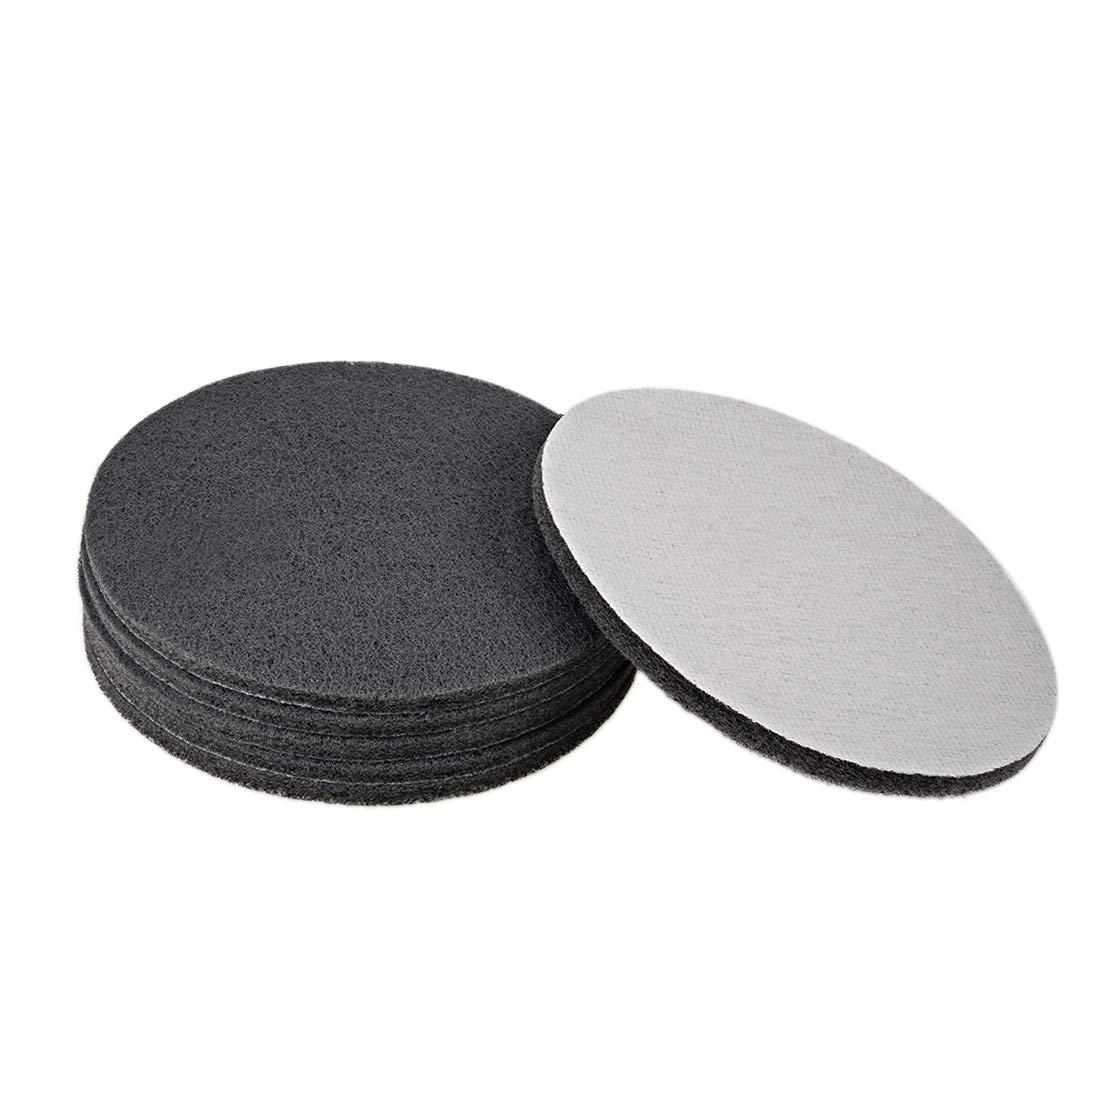 7 pulgadas estropajo de limpieza para pulir y pulir 6 unidades Almohadilla de mano abrasiva 1000 granos para raspar Sourcingmap cepillo de polvo de taladro